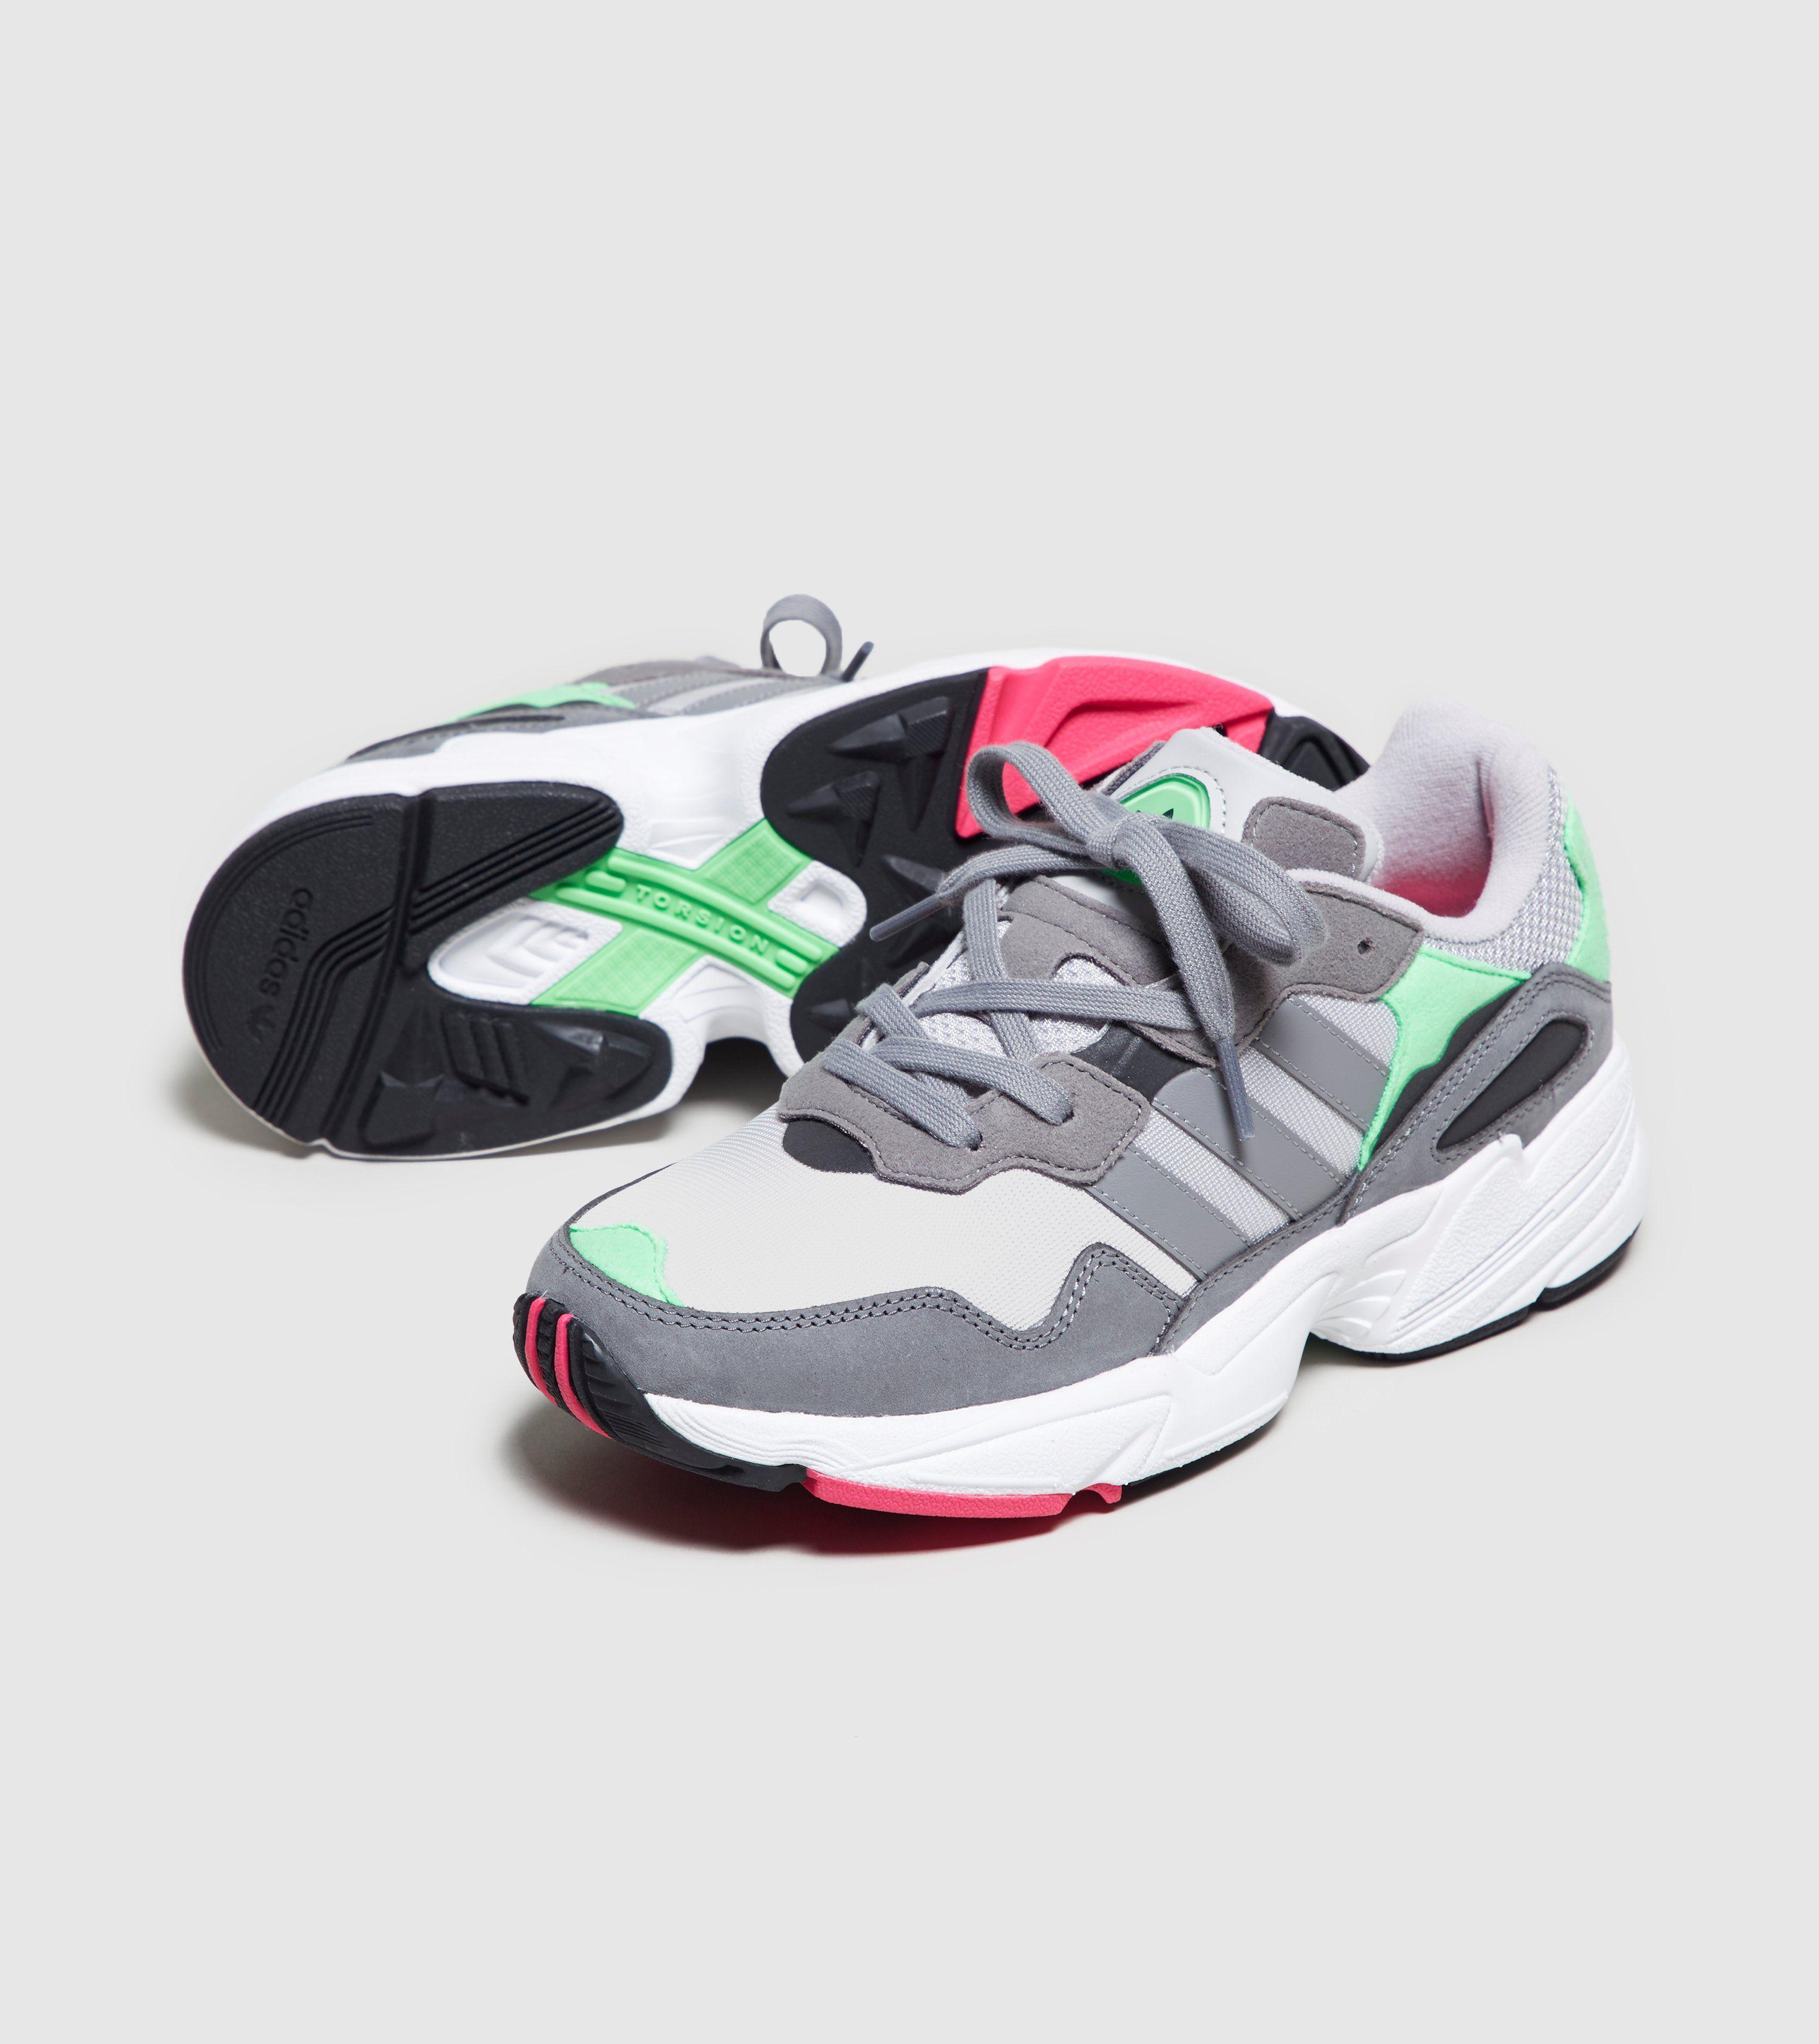 Adidas Originals Yung 96 Watermelon Femme Size